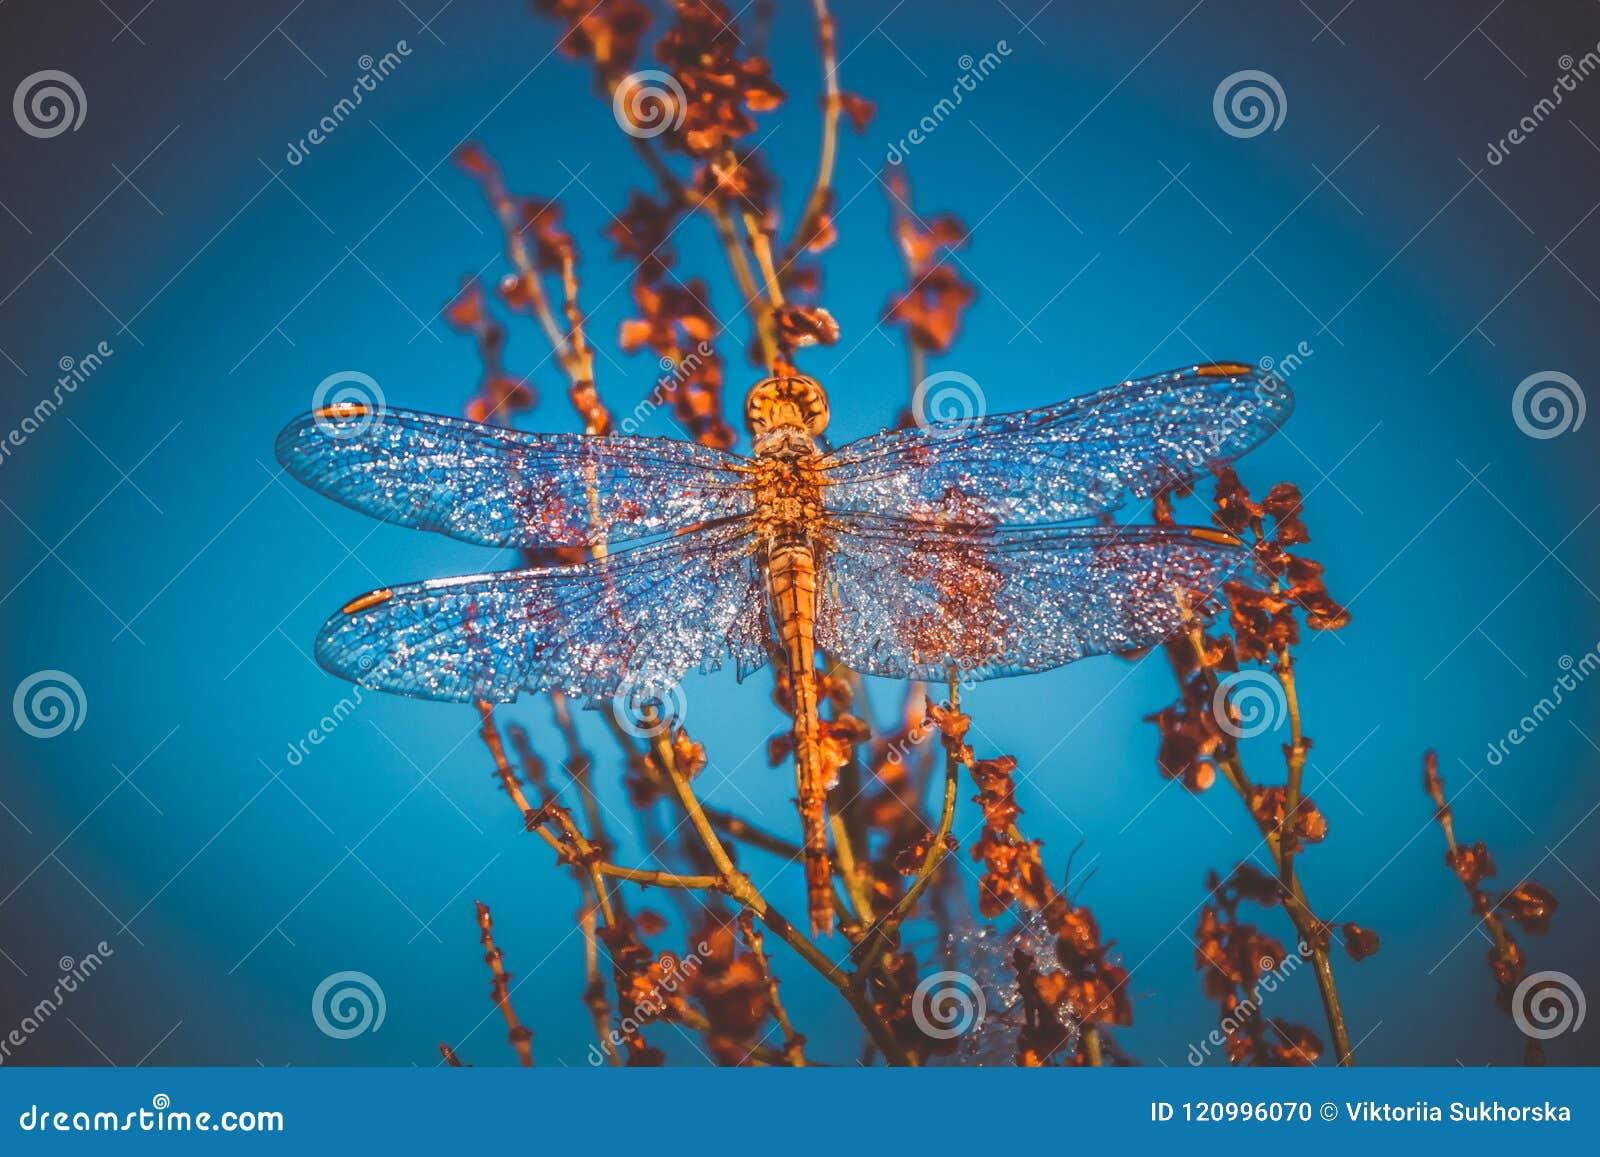 Un bello insetto di una libellula Sympetrum Vulgatum contro un fondo di un fondo del cielo blu tonalità